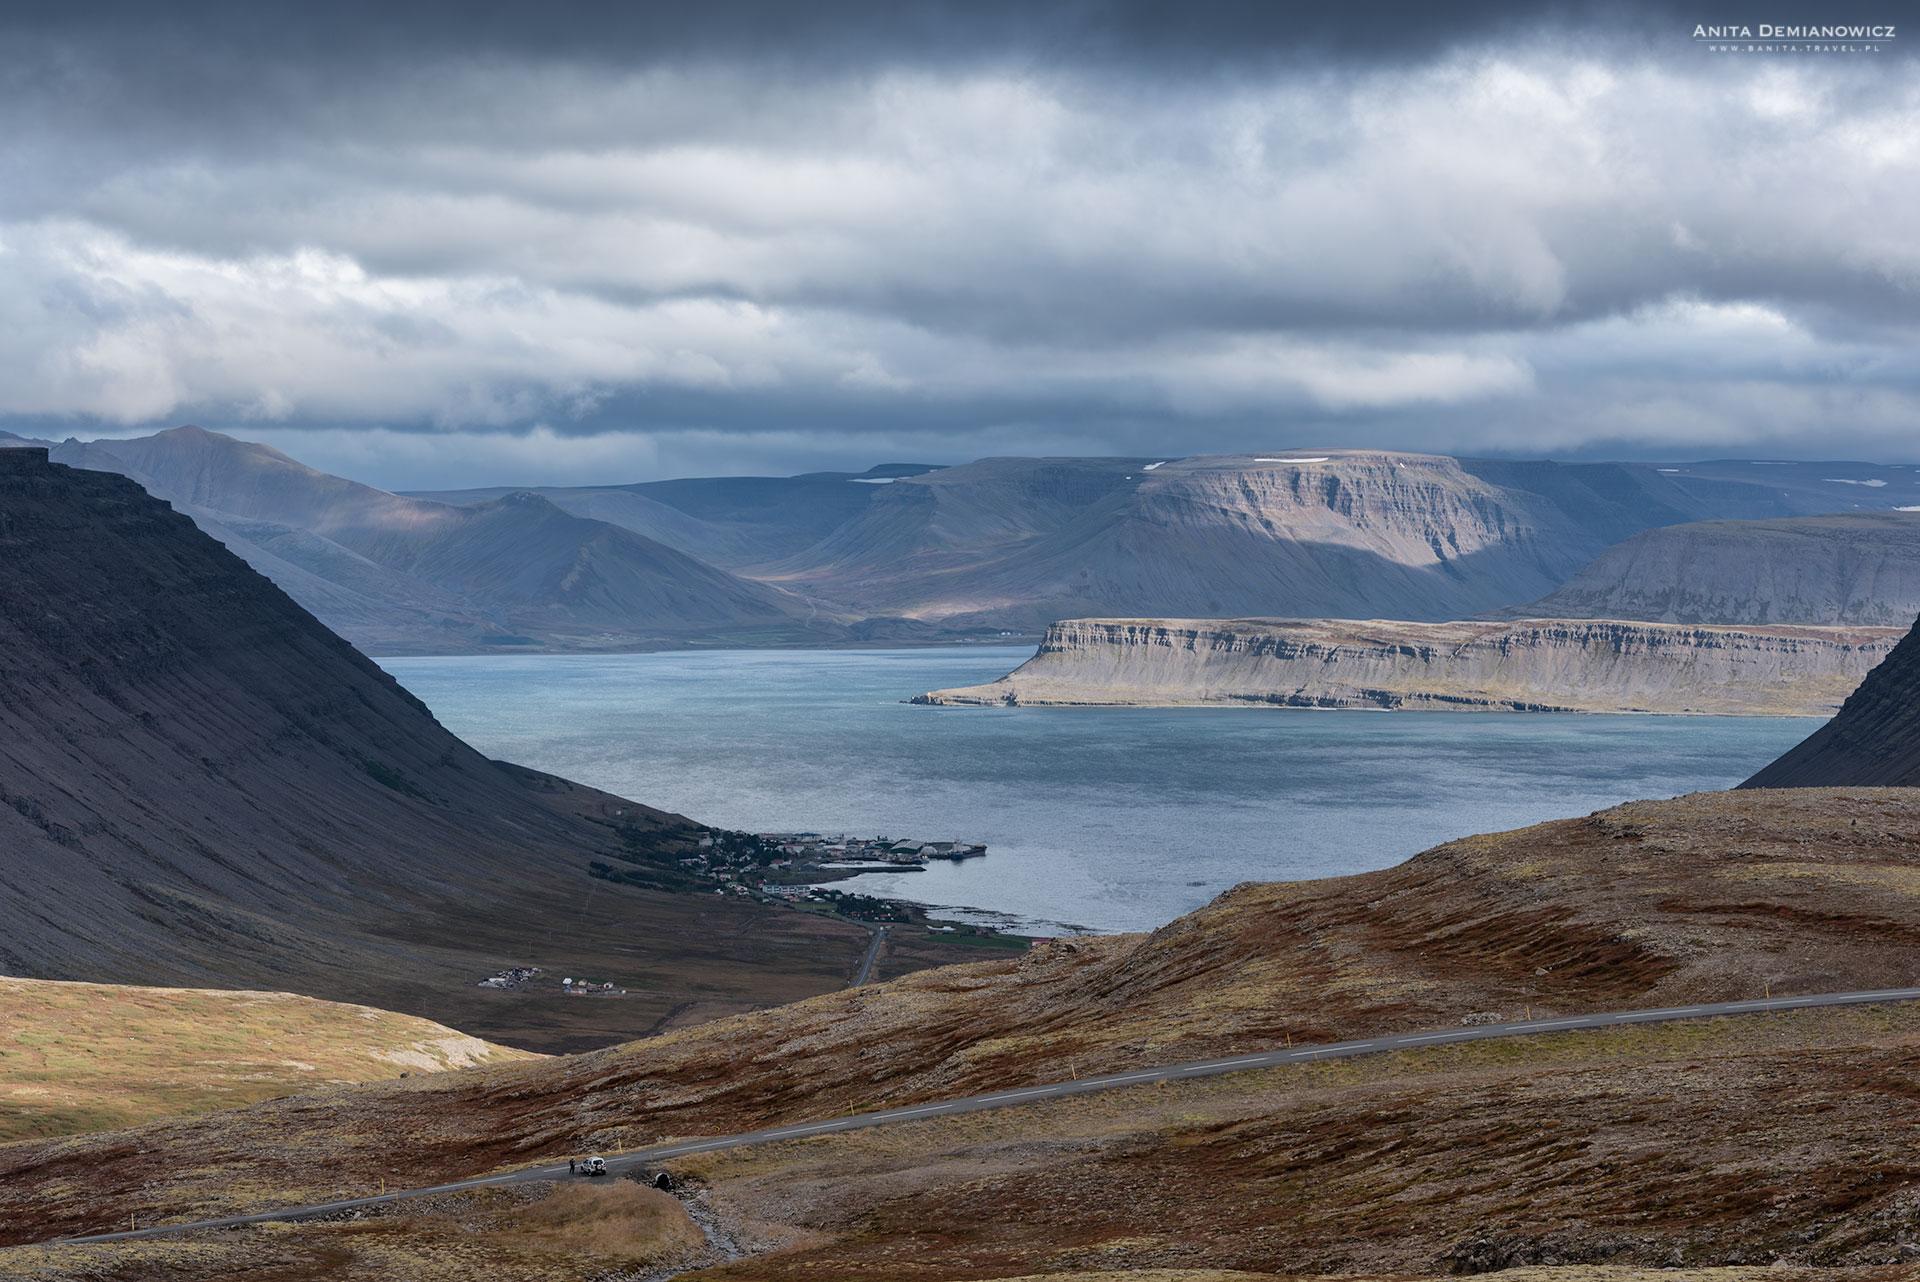 Fiordy Zachodnie, Islandia, Anita Demianowicz